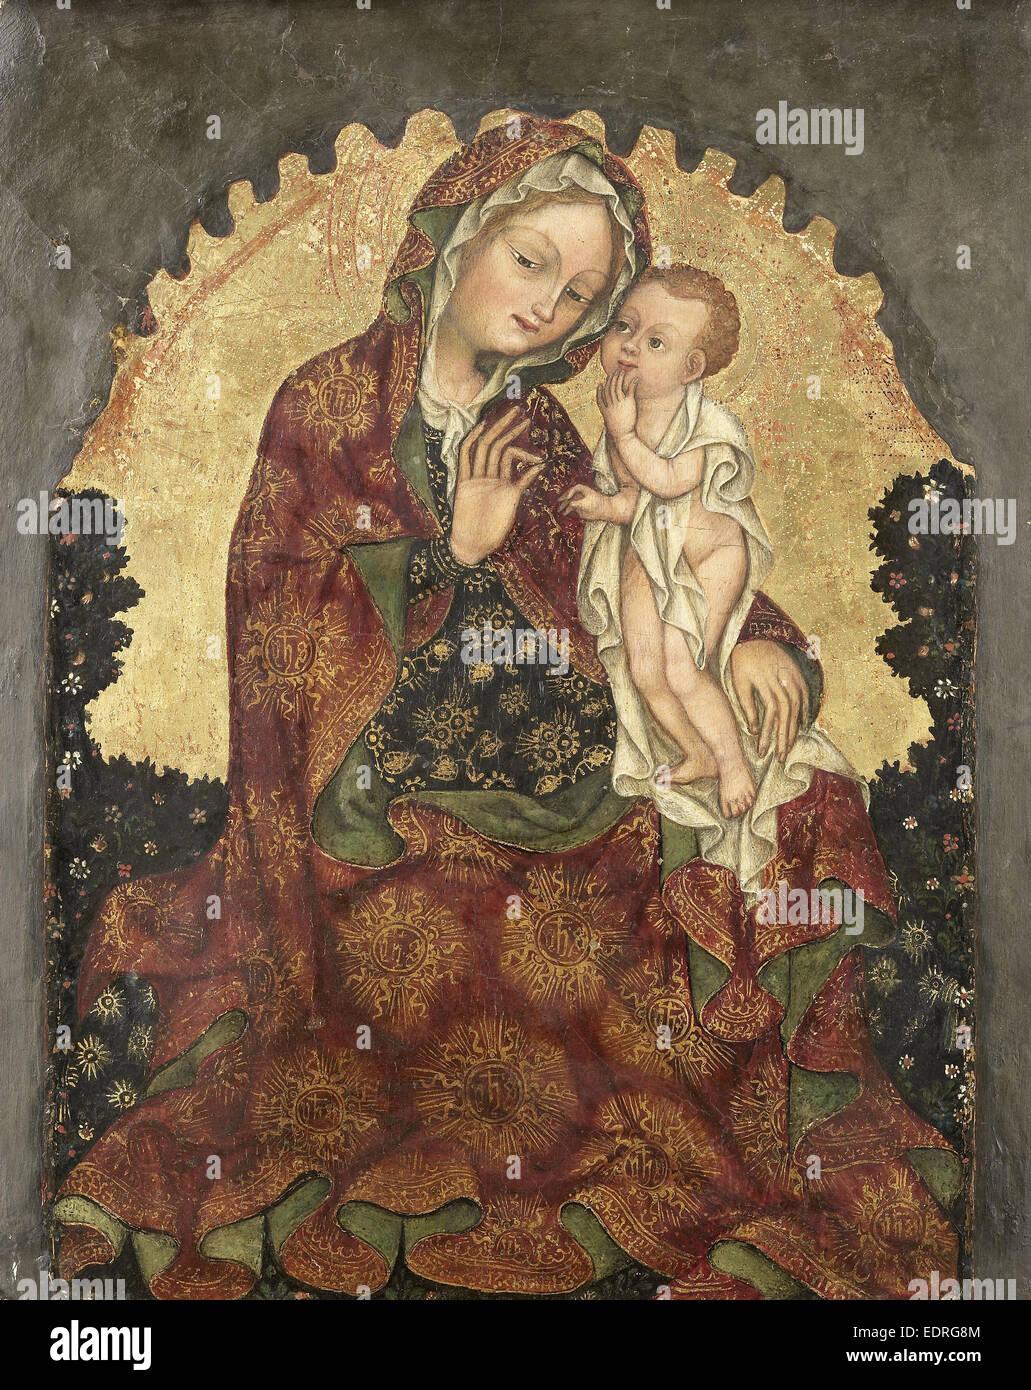 Madonna dell'Umiltà, attribuita a Giovanni da Francia, 1429 - 1439 Immagini Stock